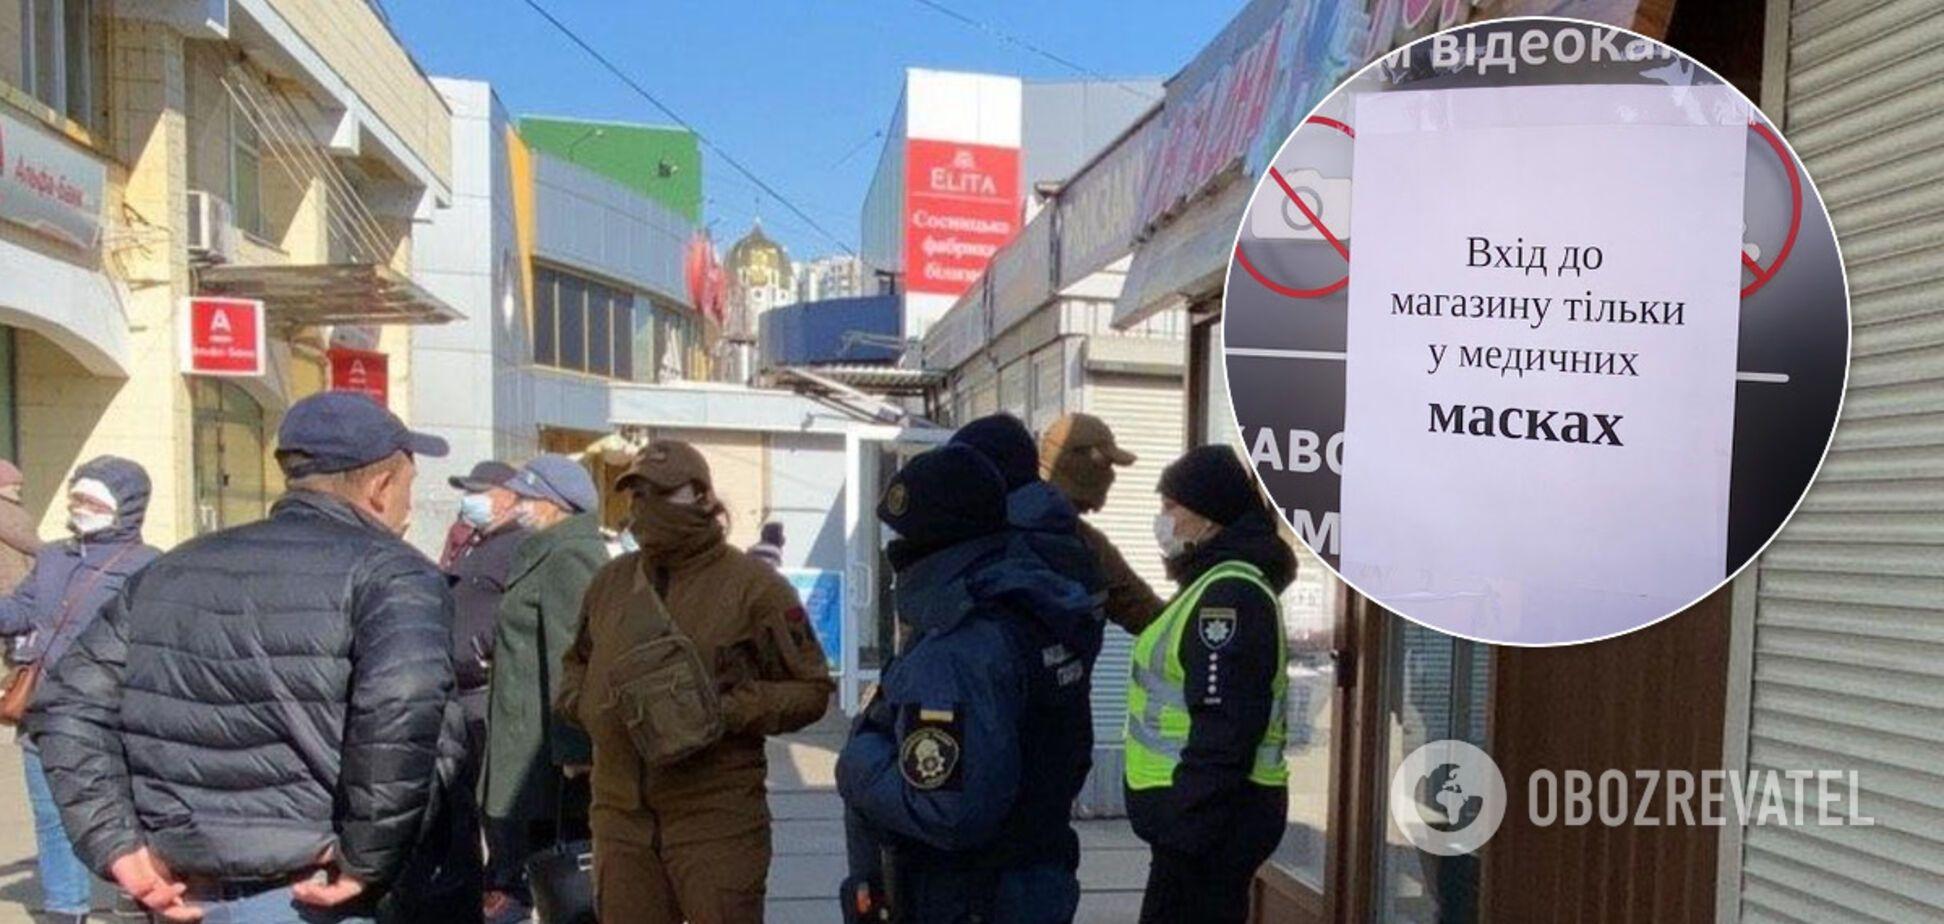 У Сумах чоловіка оштрафували на 17 тисяч за перебування у магазині без маски